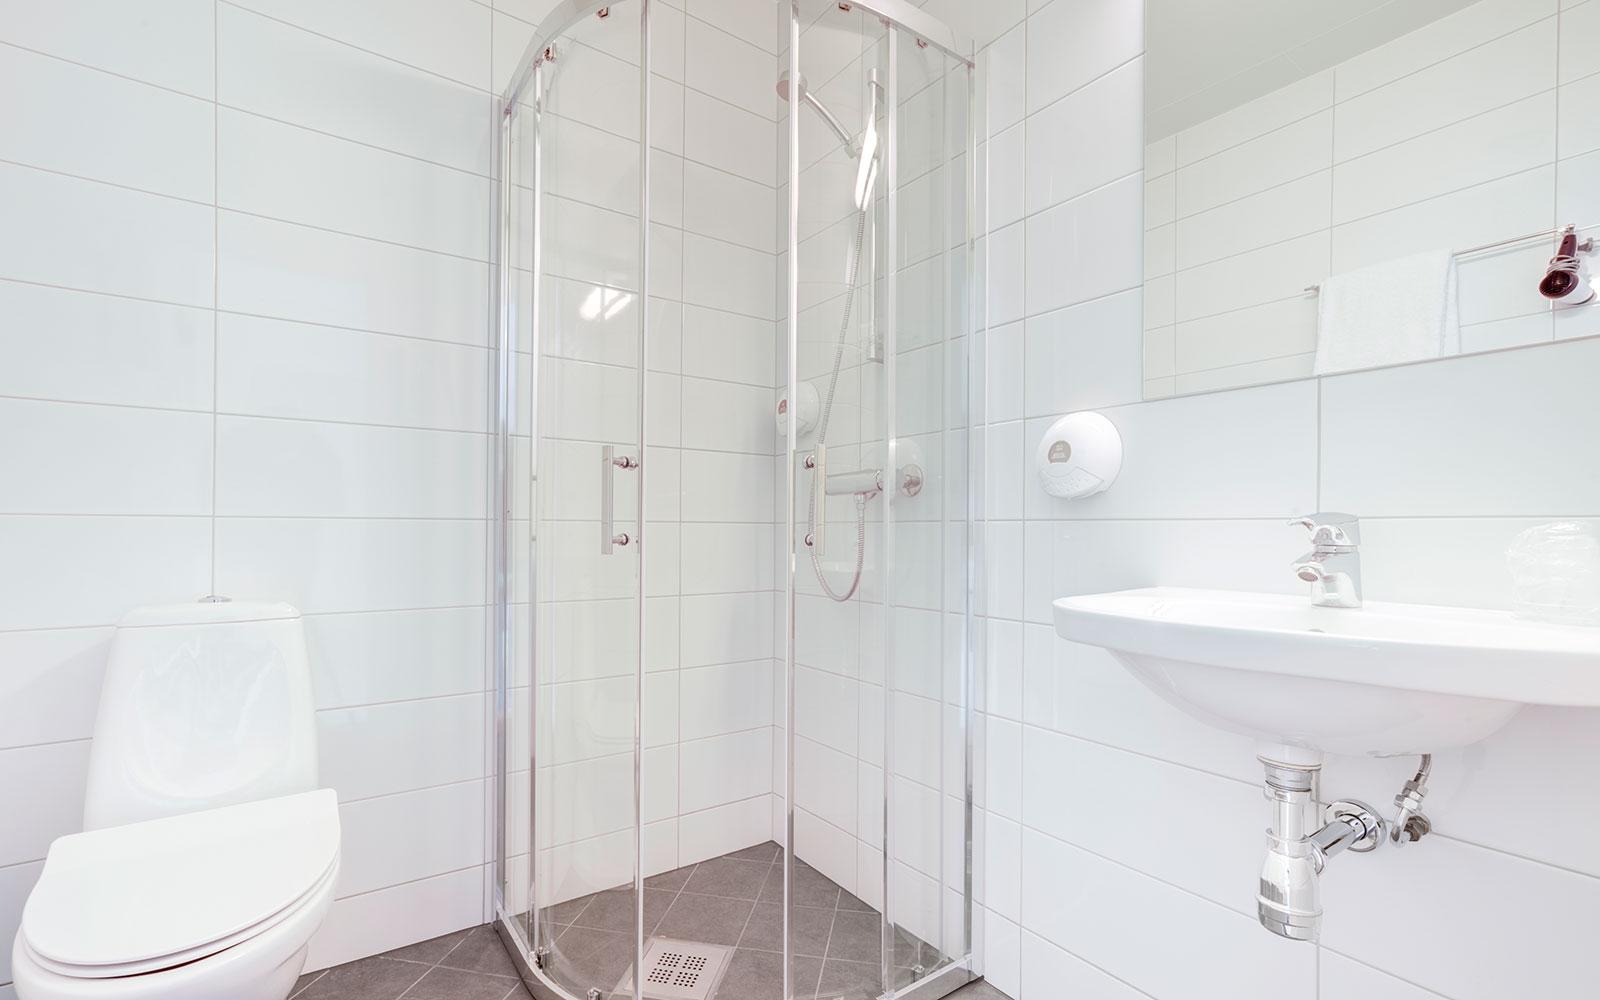 Melbu Hotell enkeltrom budget toalett og dusj